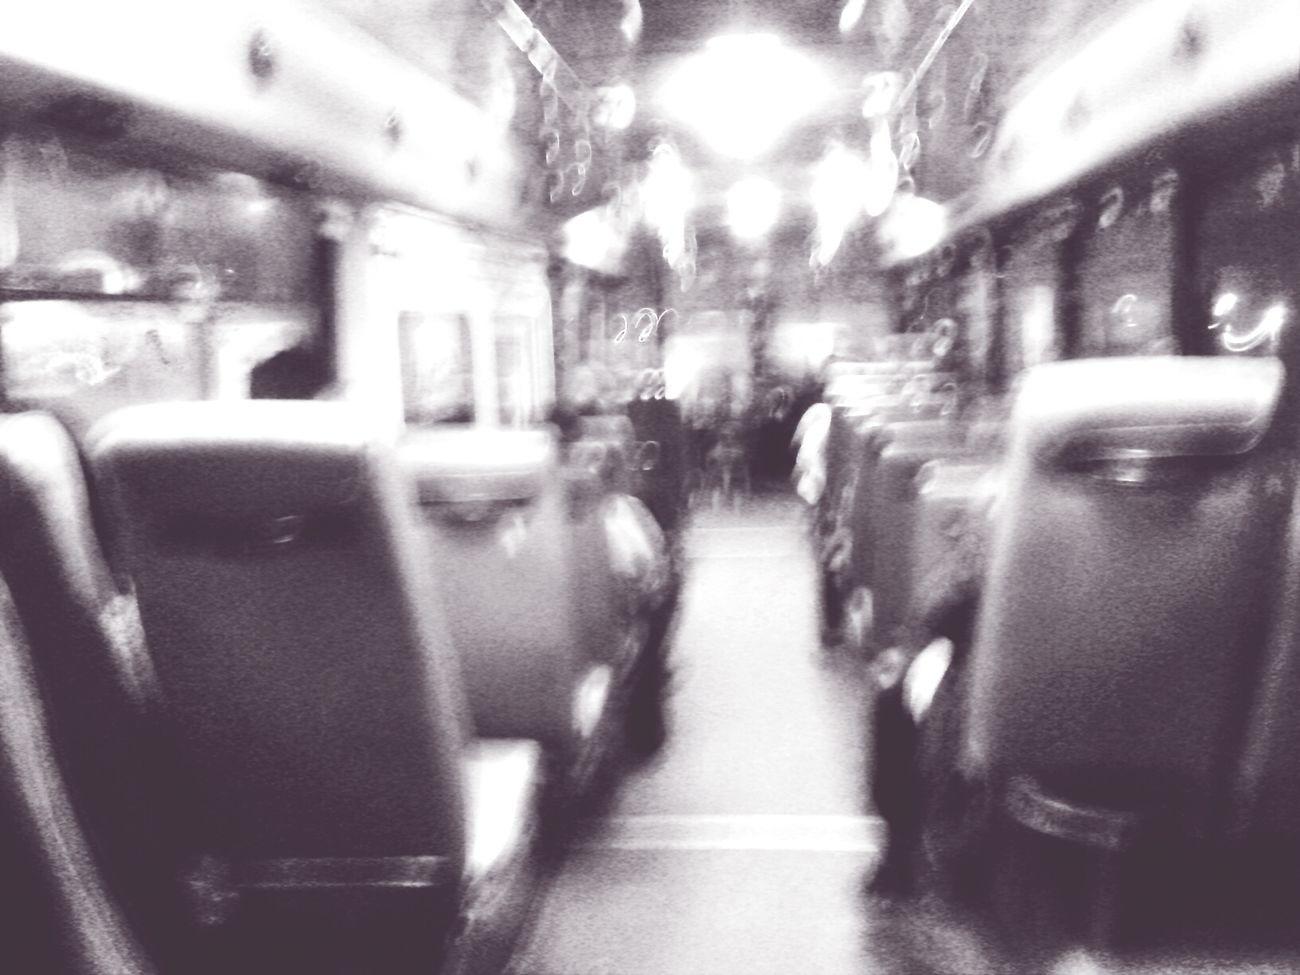 Late Night Busporn Motion Blur Lone Walker